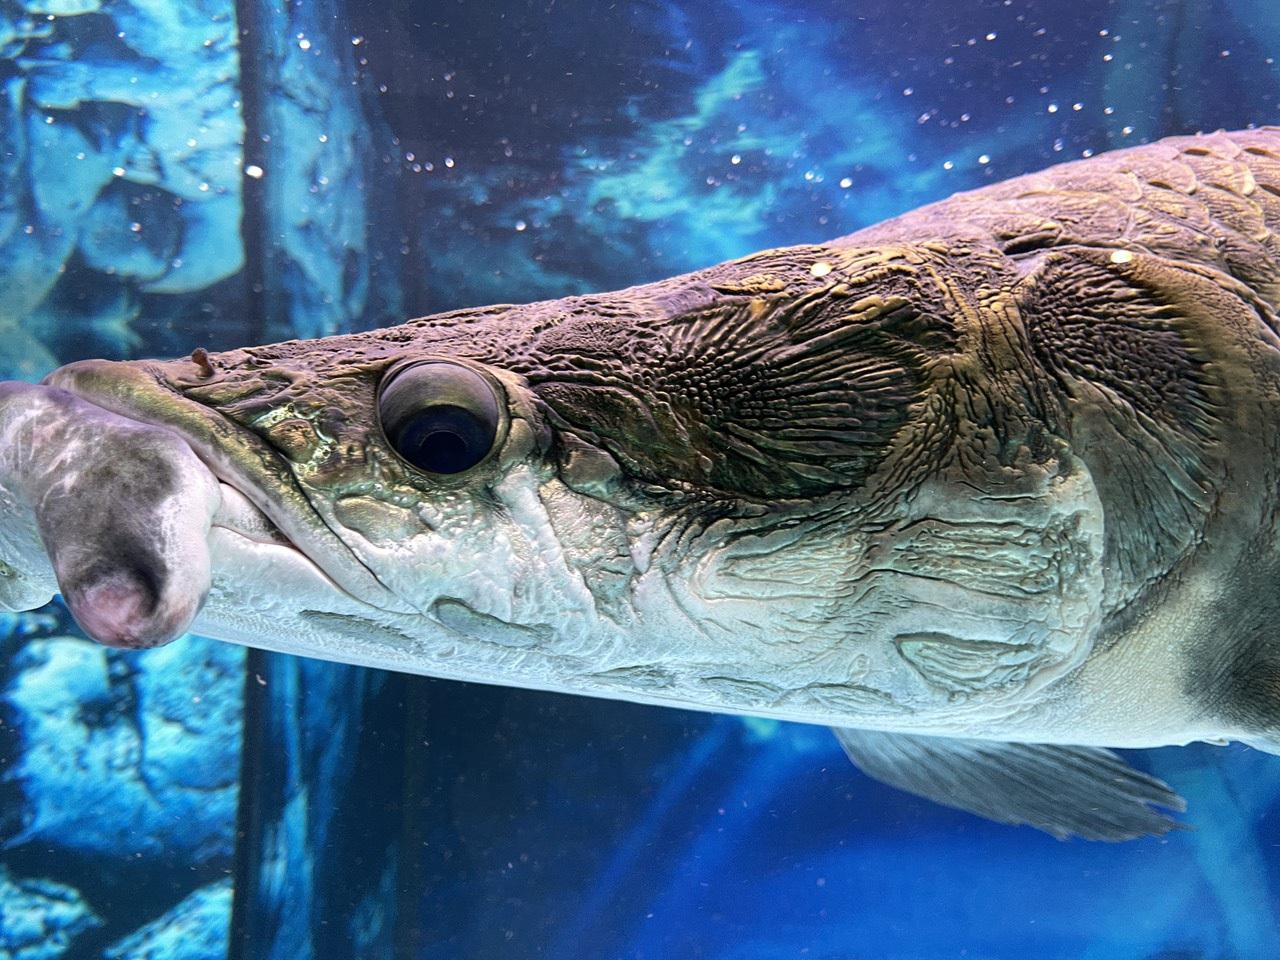 Nuôi quái vật sông Amazon, thú chơi vương giả của đại gia Việt - 2